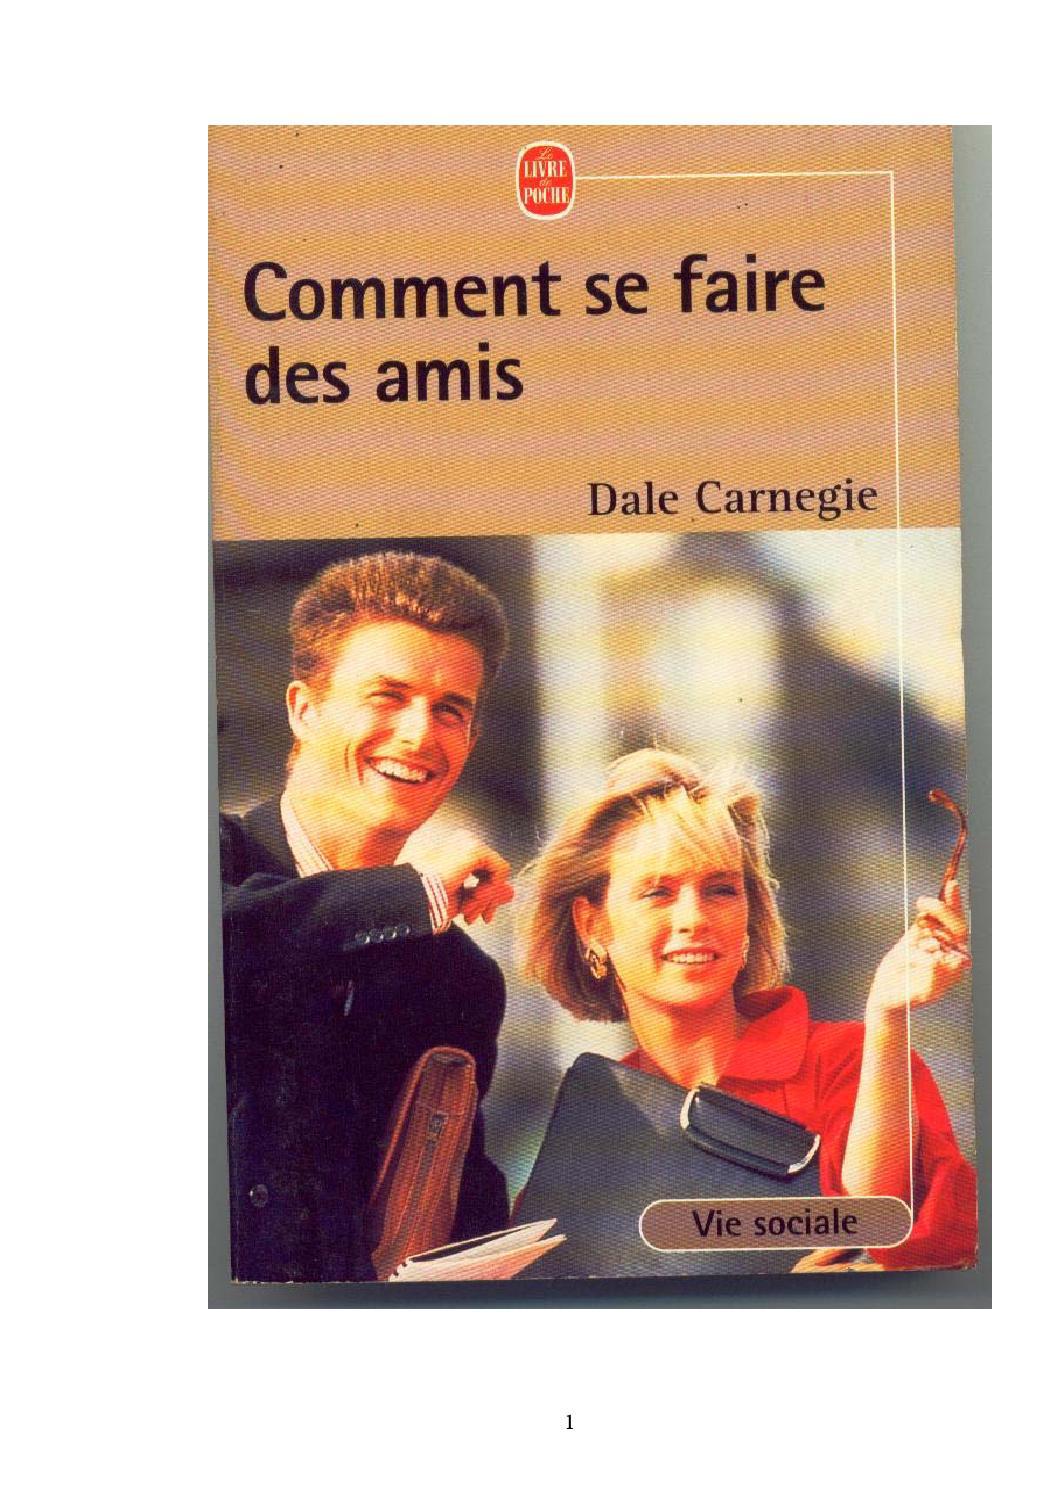 livres en marketing dale carnergie image